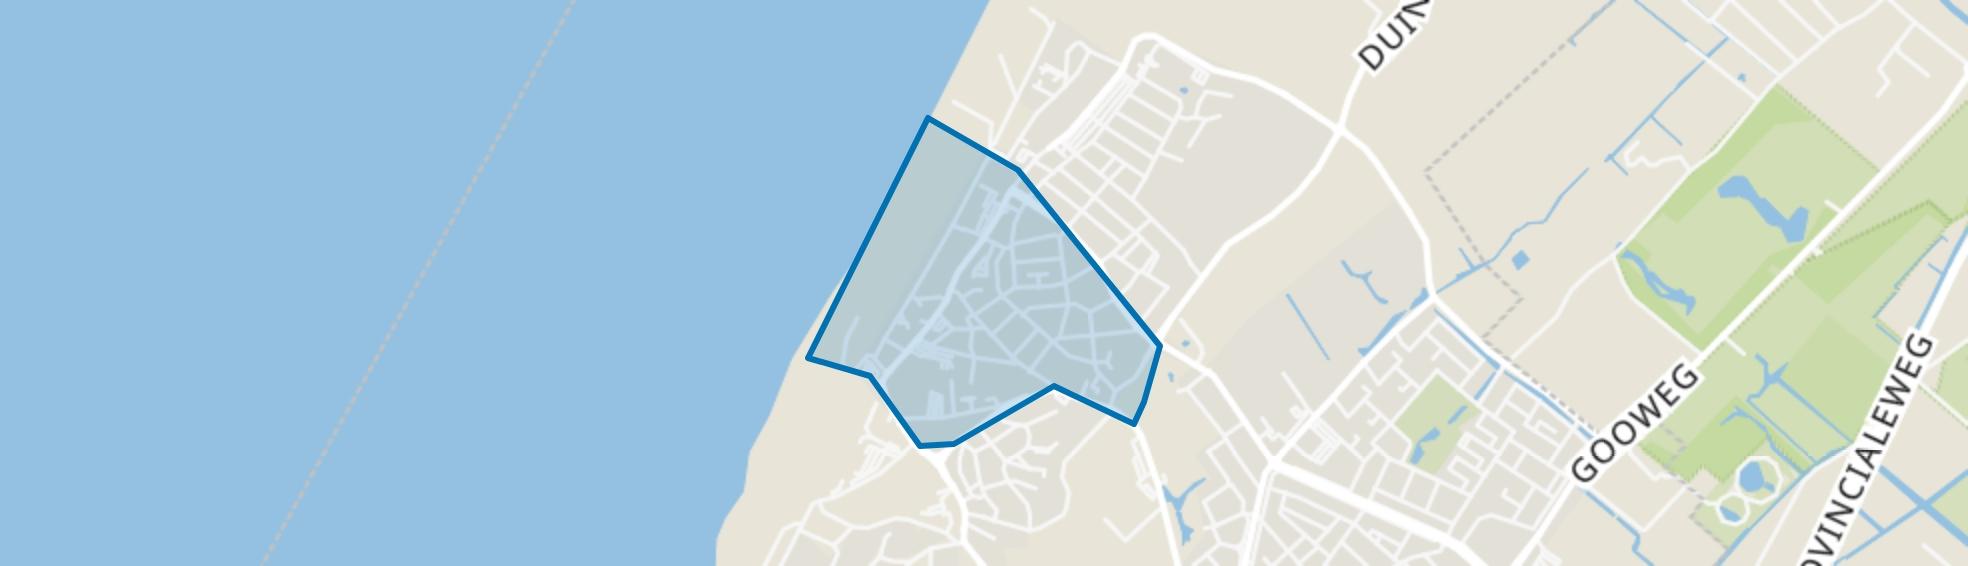 Dorpskern, Noordwijk (ZH) map